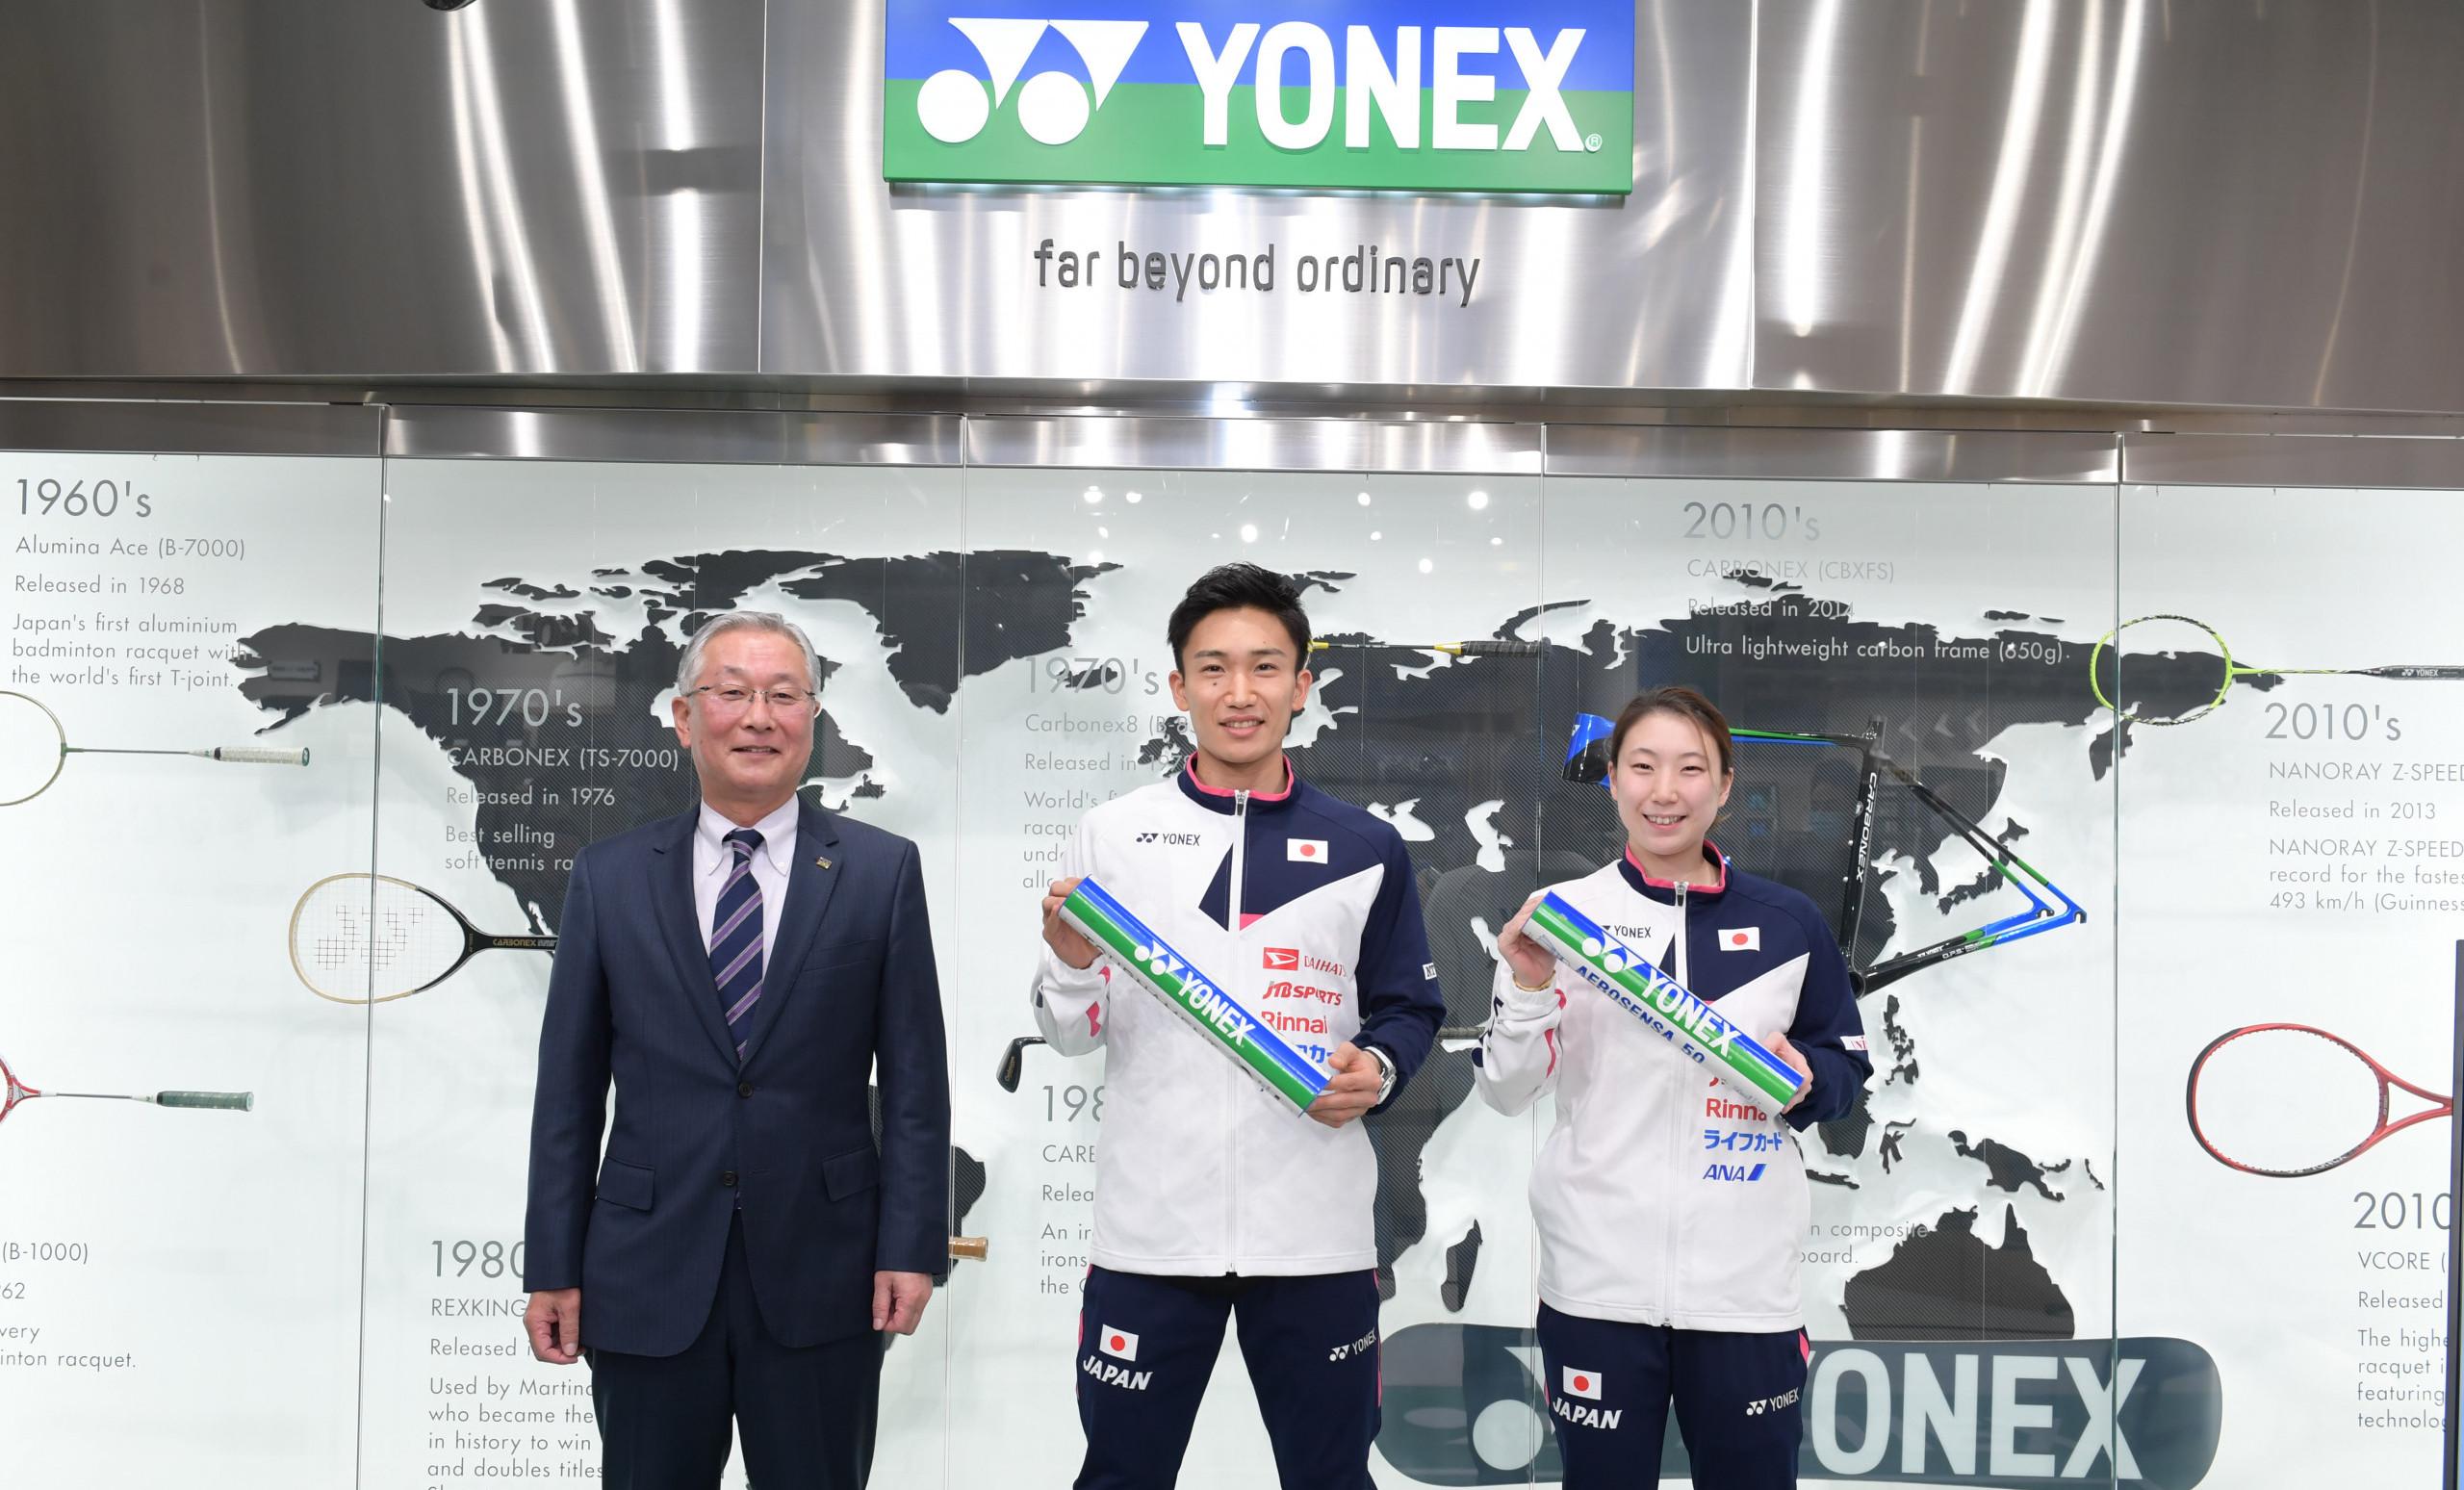 Yonex Named as Official Equipment Supplier of HSBC BWF World Tour Finals